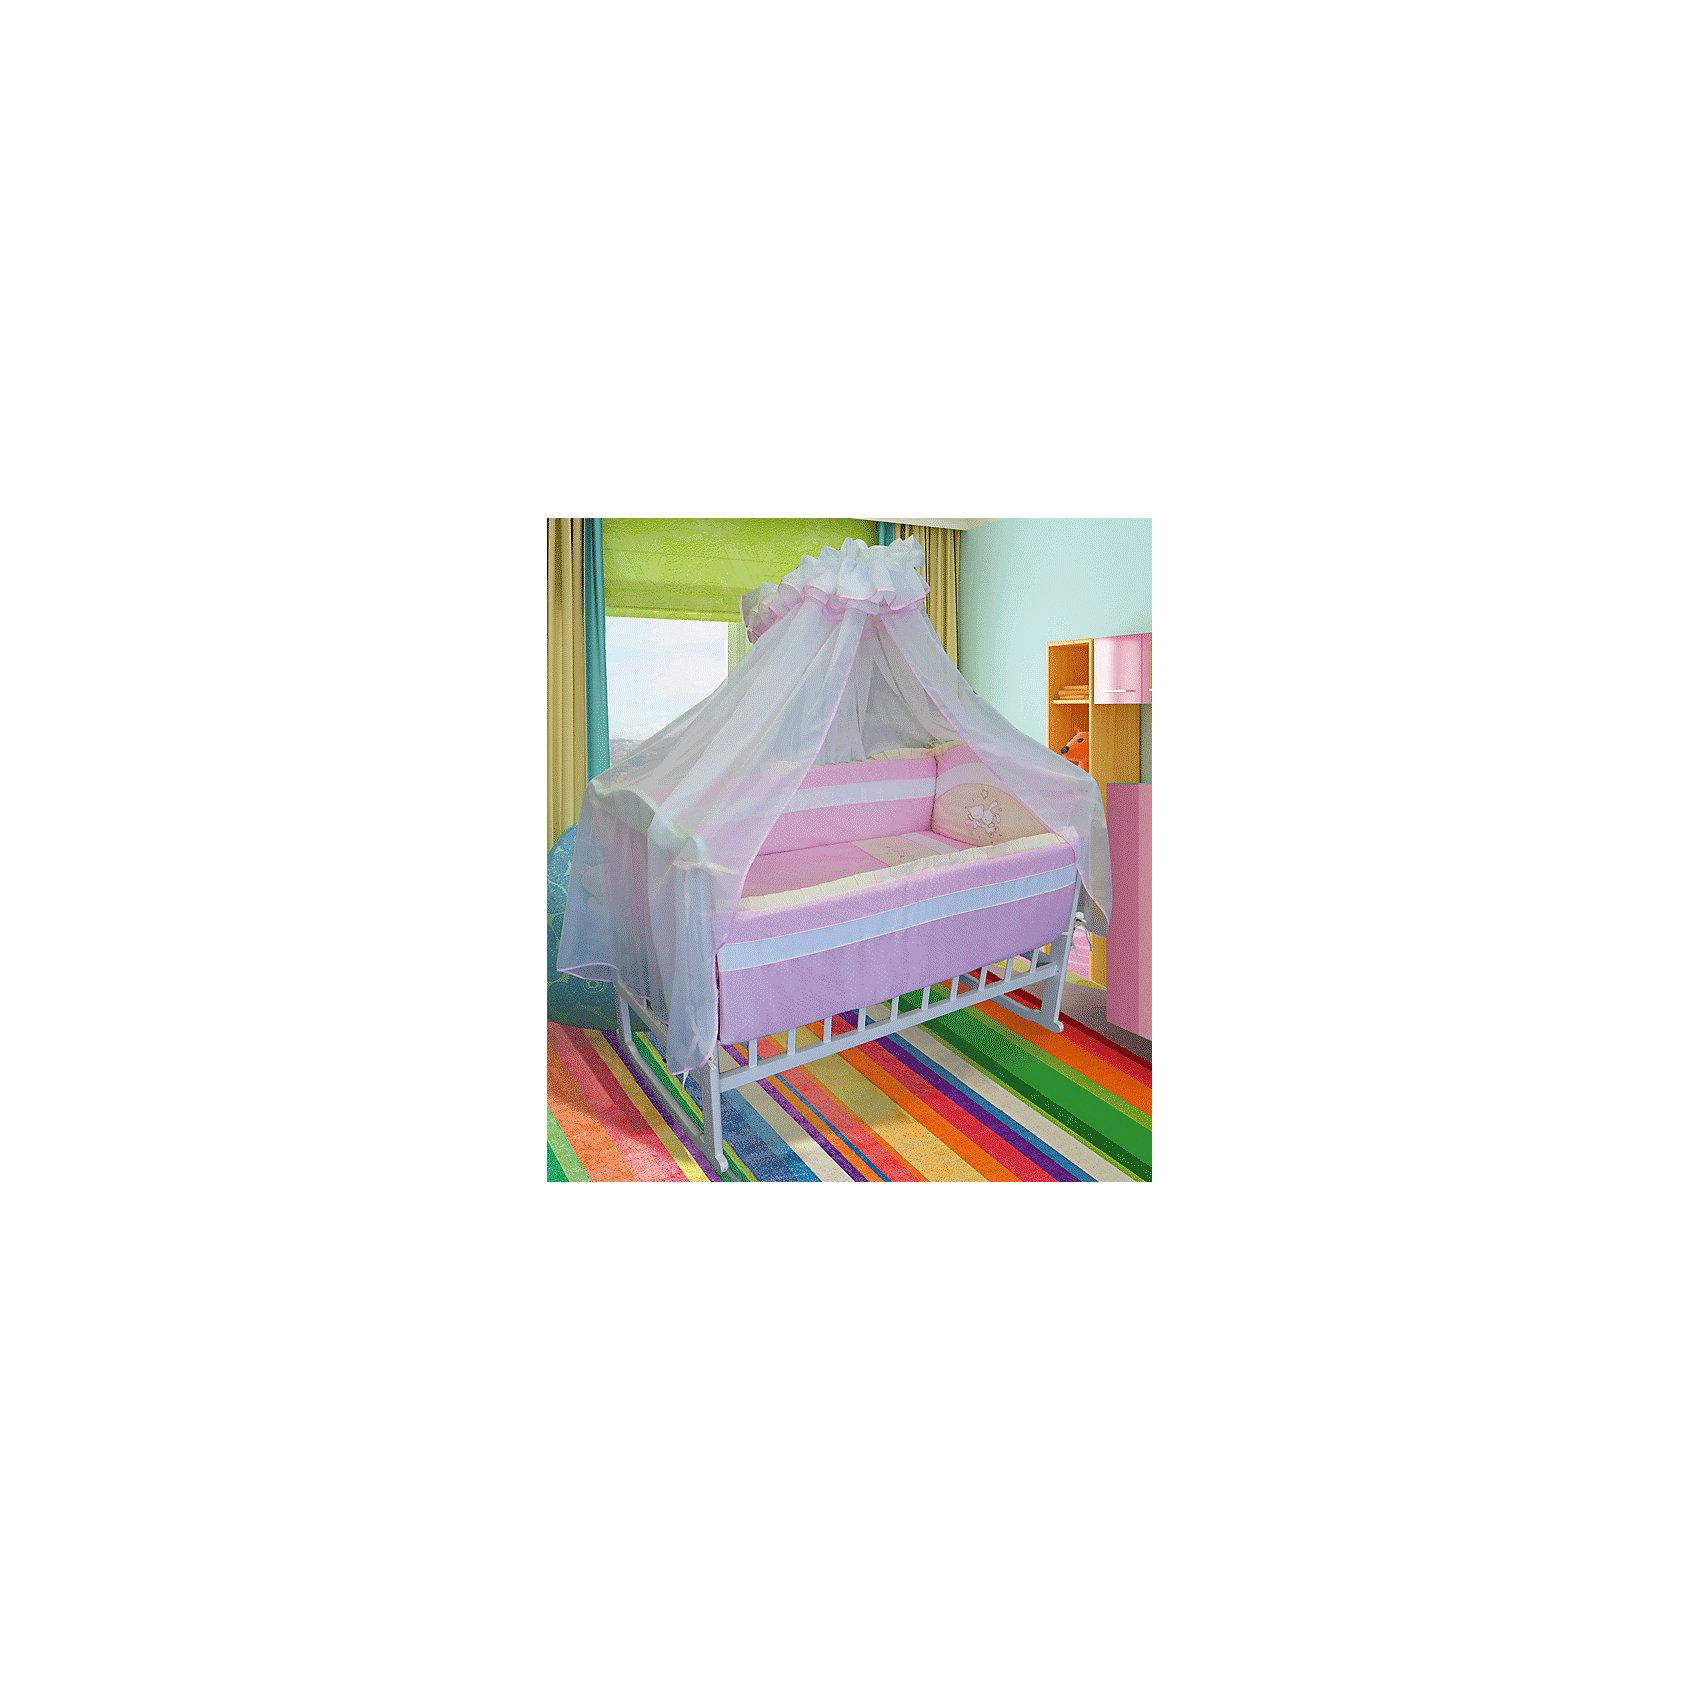 Постельное белье Облачные малыши 7 предм., Soni kids, розовыйПостельное белье Облачные малыши 7 предм., Soni kids, розовый – это красивый, милый комплект постельного белья для вашей малышки.<br>Постельное белье Облачные малыши - прекрасный вариант для детской кроватки. Нежная розовая расцветка и спокойный принт создадут нужную для отдыха атмосферу и подарят крепкий сон вашей крохе. Мягкий борт защитит малышку по всему периметру кроватки. Простыня на резинке надежно одевается на матрасик, не давая образовываться складкам. Полупрозрачный балдахин защитит от солнечного света и насекомых. Комплект изготовлен из высококачественного 100% хлопка и антибактериального, гипоаллергенного, дышащего наполнителя в одеяле, подушке и защитных бортах – холлофайбера. Комплект порадует заботливых родителей шелковистым, воздушным, хорошо пропускающим влагу материалом и красивым дизайном. Постельное белье не теряет внешний вид после многократных стирок.<br><br>Дополнительная информация:<br><br>- В комплекте: одеяло 110х140 см., пододеяльник 110х140 см., простынь на резинке 150х90 см., подушка 40х60 см., наволочка 40х60 см., бортик на 4 части 360х44 см., балдахин 420х165 см.<br>- Цвет: розовый<br>- Материал: сатин (100% хлопок), балдахин полиэстер<br>- Наполнитель: холлофайбер<br>- Упаковка: ПВХ чемодан с ручкой<br>- Размер упаковки: 60?45?25 см.<br>- Вес: 3,5 кг.<br><br>Постельное белье Облачные малыши 7 предм., Soni kids, розовое можно купить в нашем интернет-магазине.<br><br>Ширина мм: 600<br>Глубина мм: 250<br>Высота мм: 450<br>Вес г: 3500<br>Возраст от месяцев: 0<br>Возраст до месяцев: 24<br>Пол: Женский<br>Возраст: Детский<br>SKU: 4322681